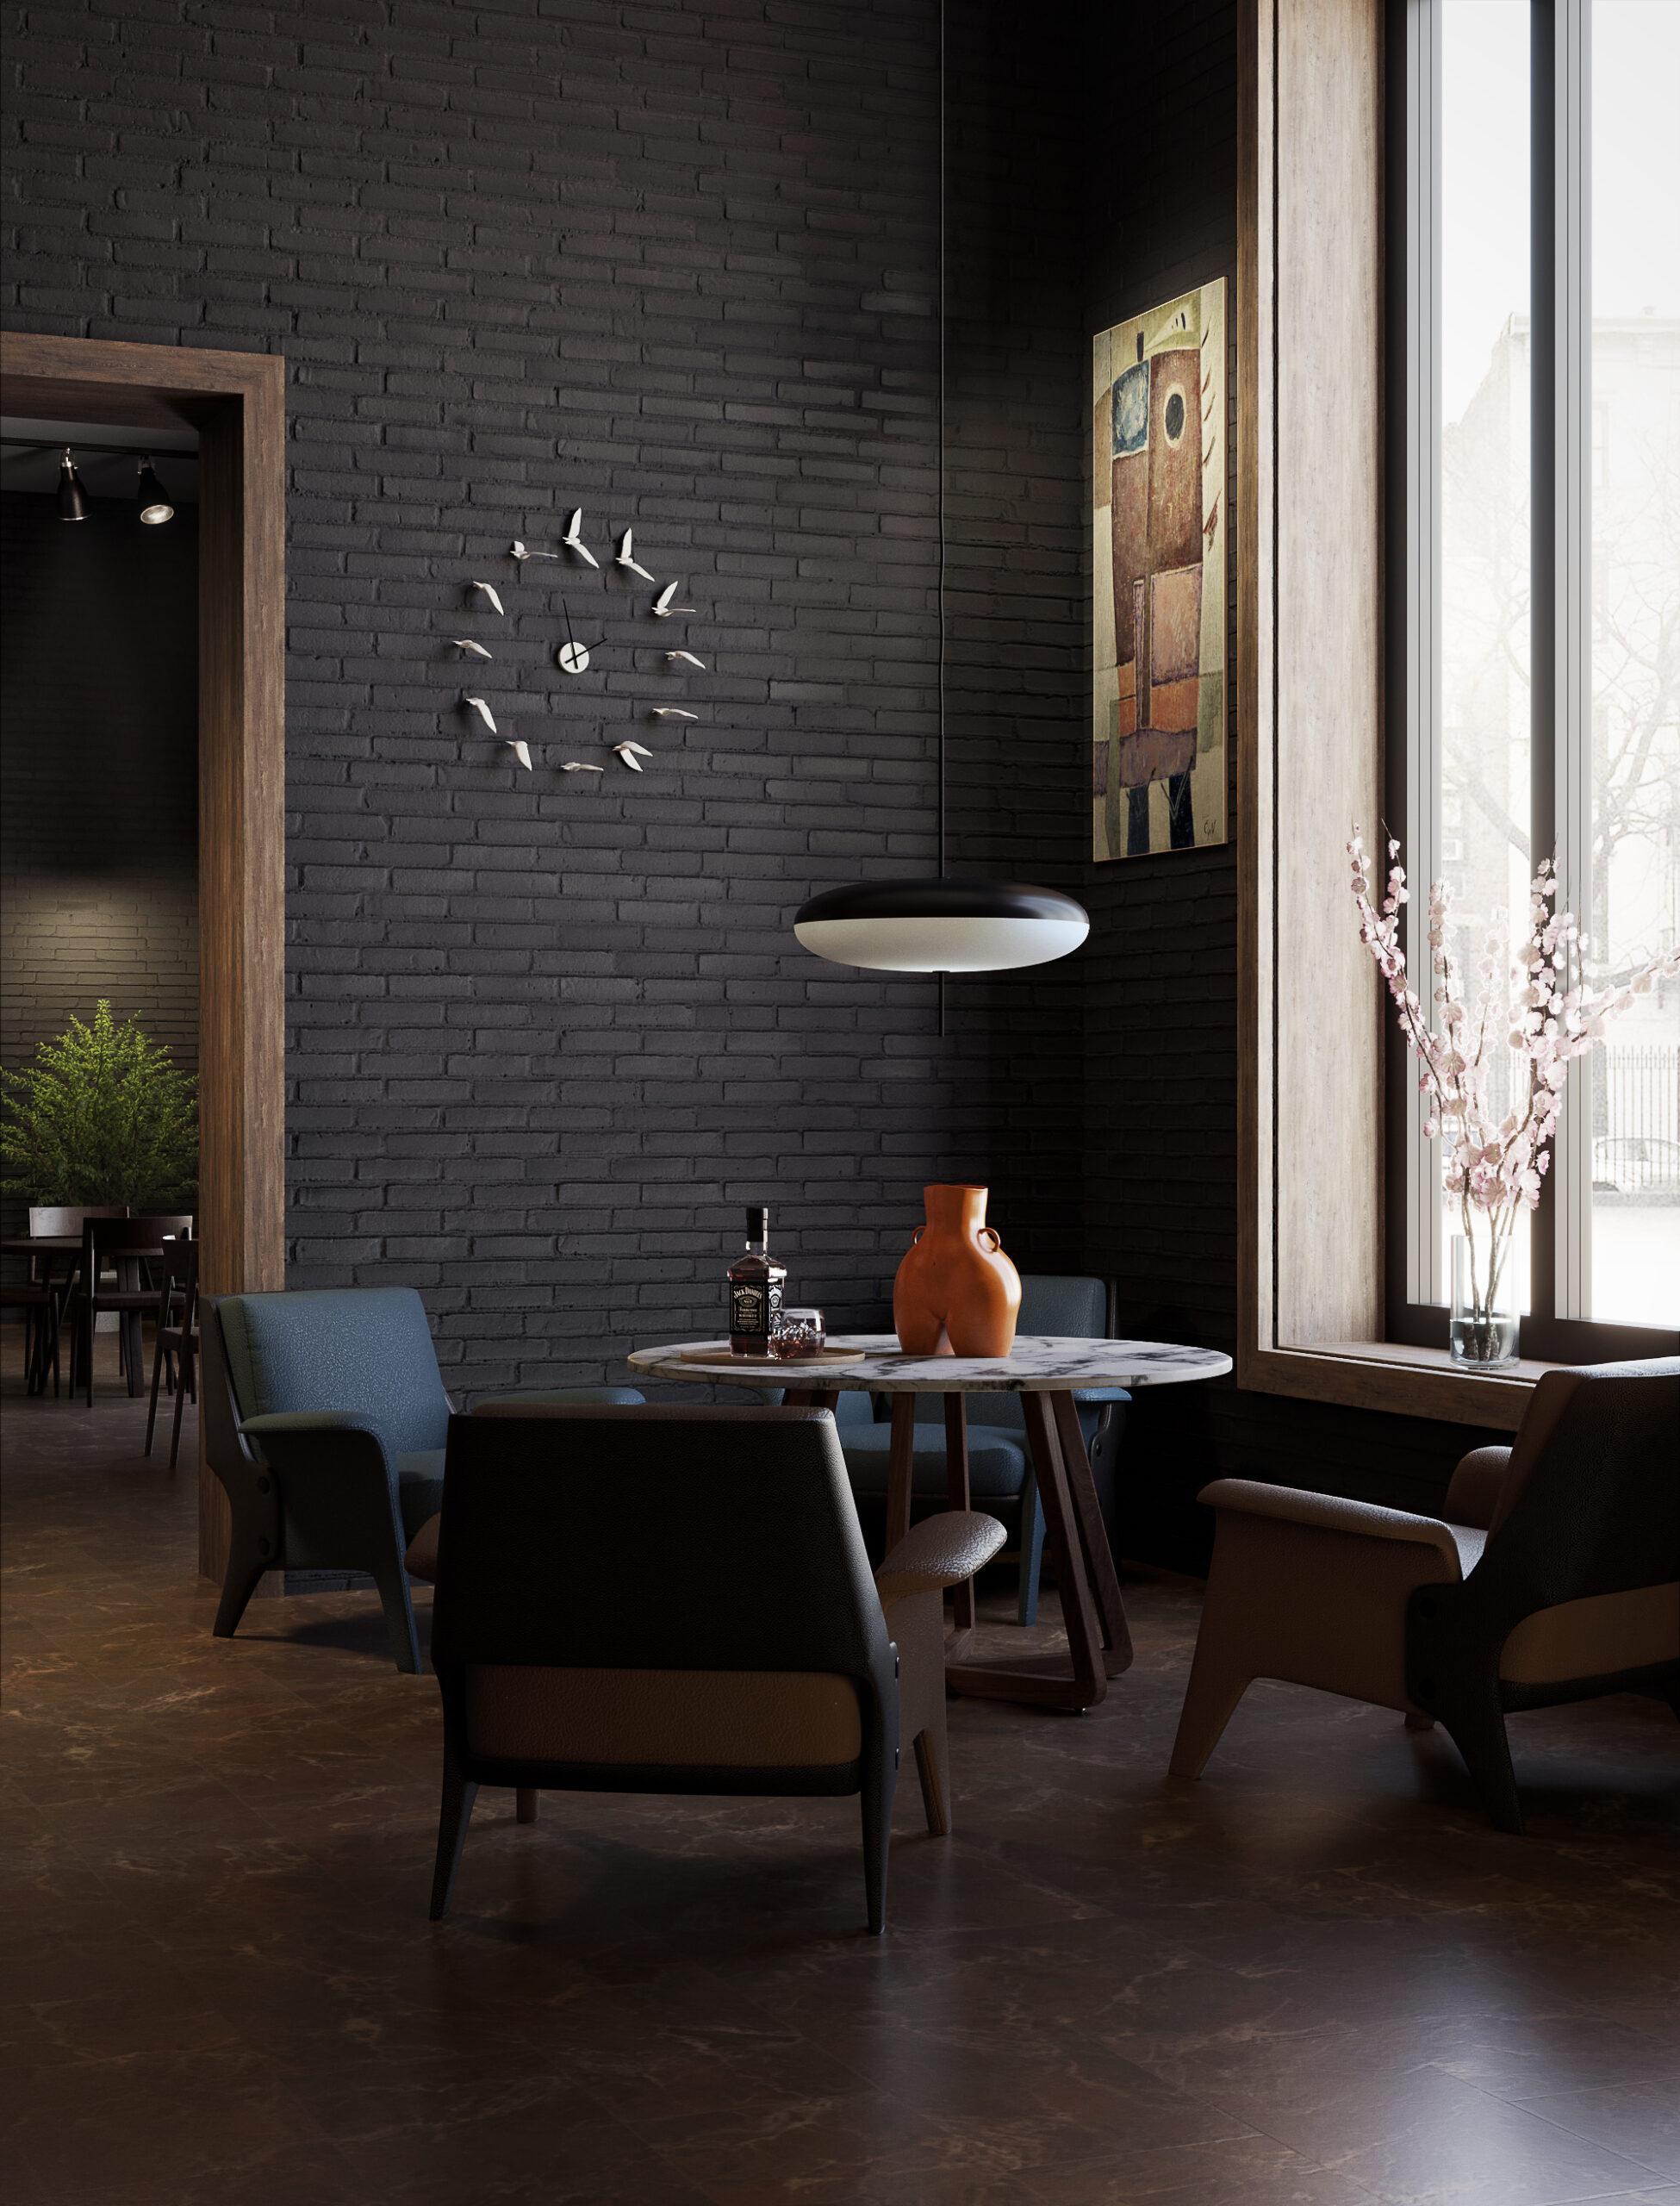 angolo ristorante con finestra e orologio a muro